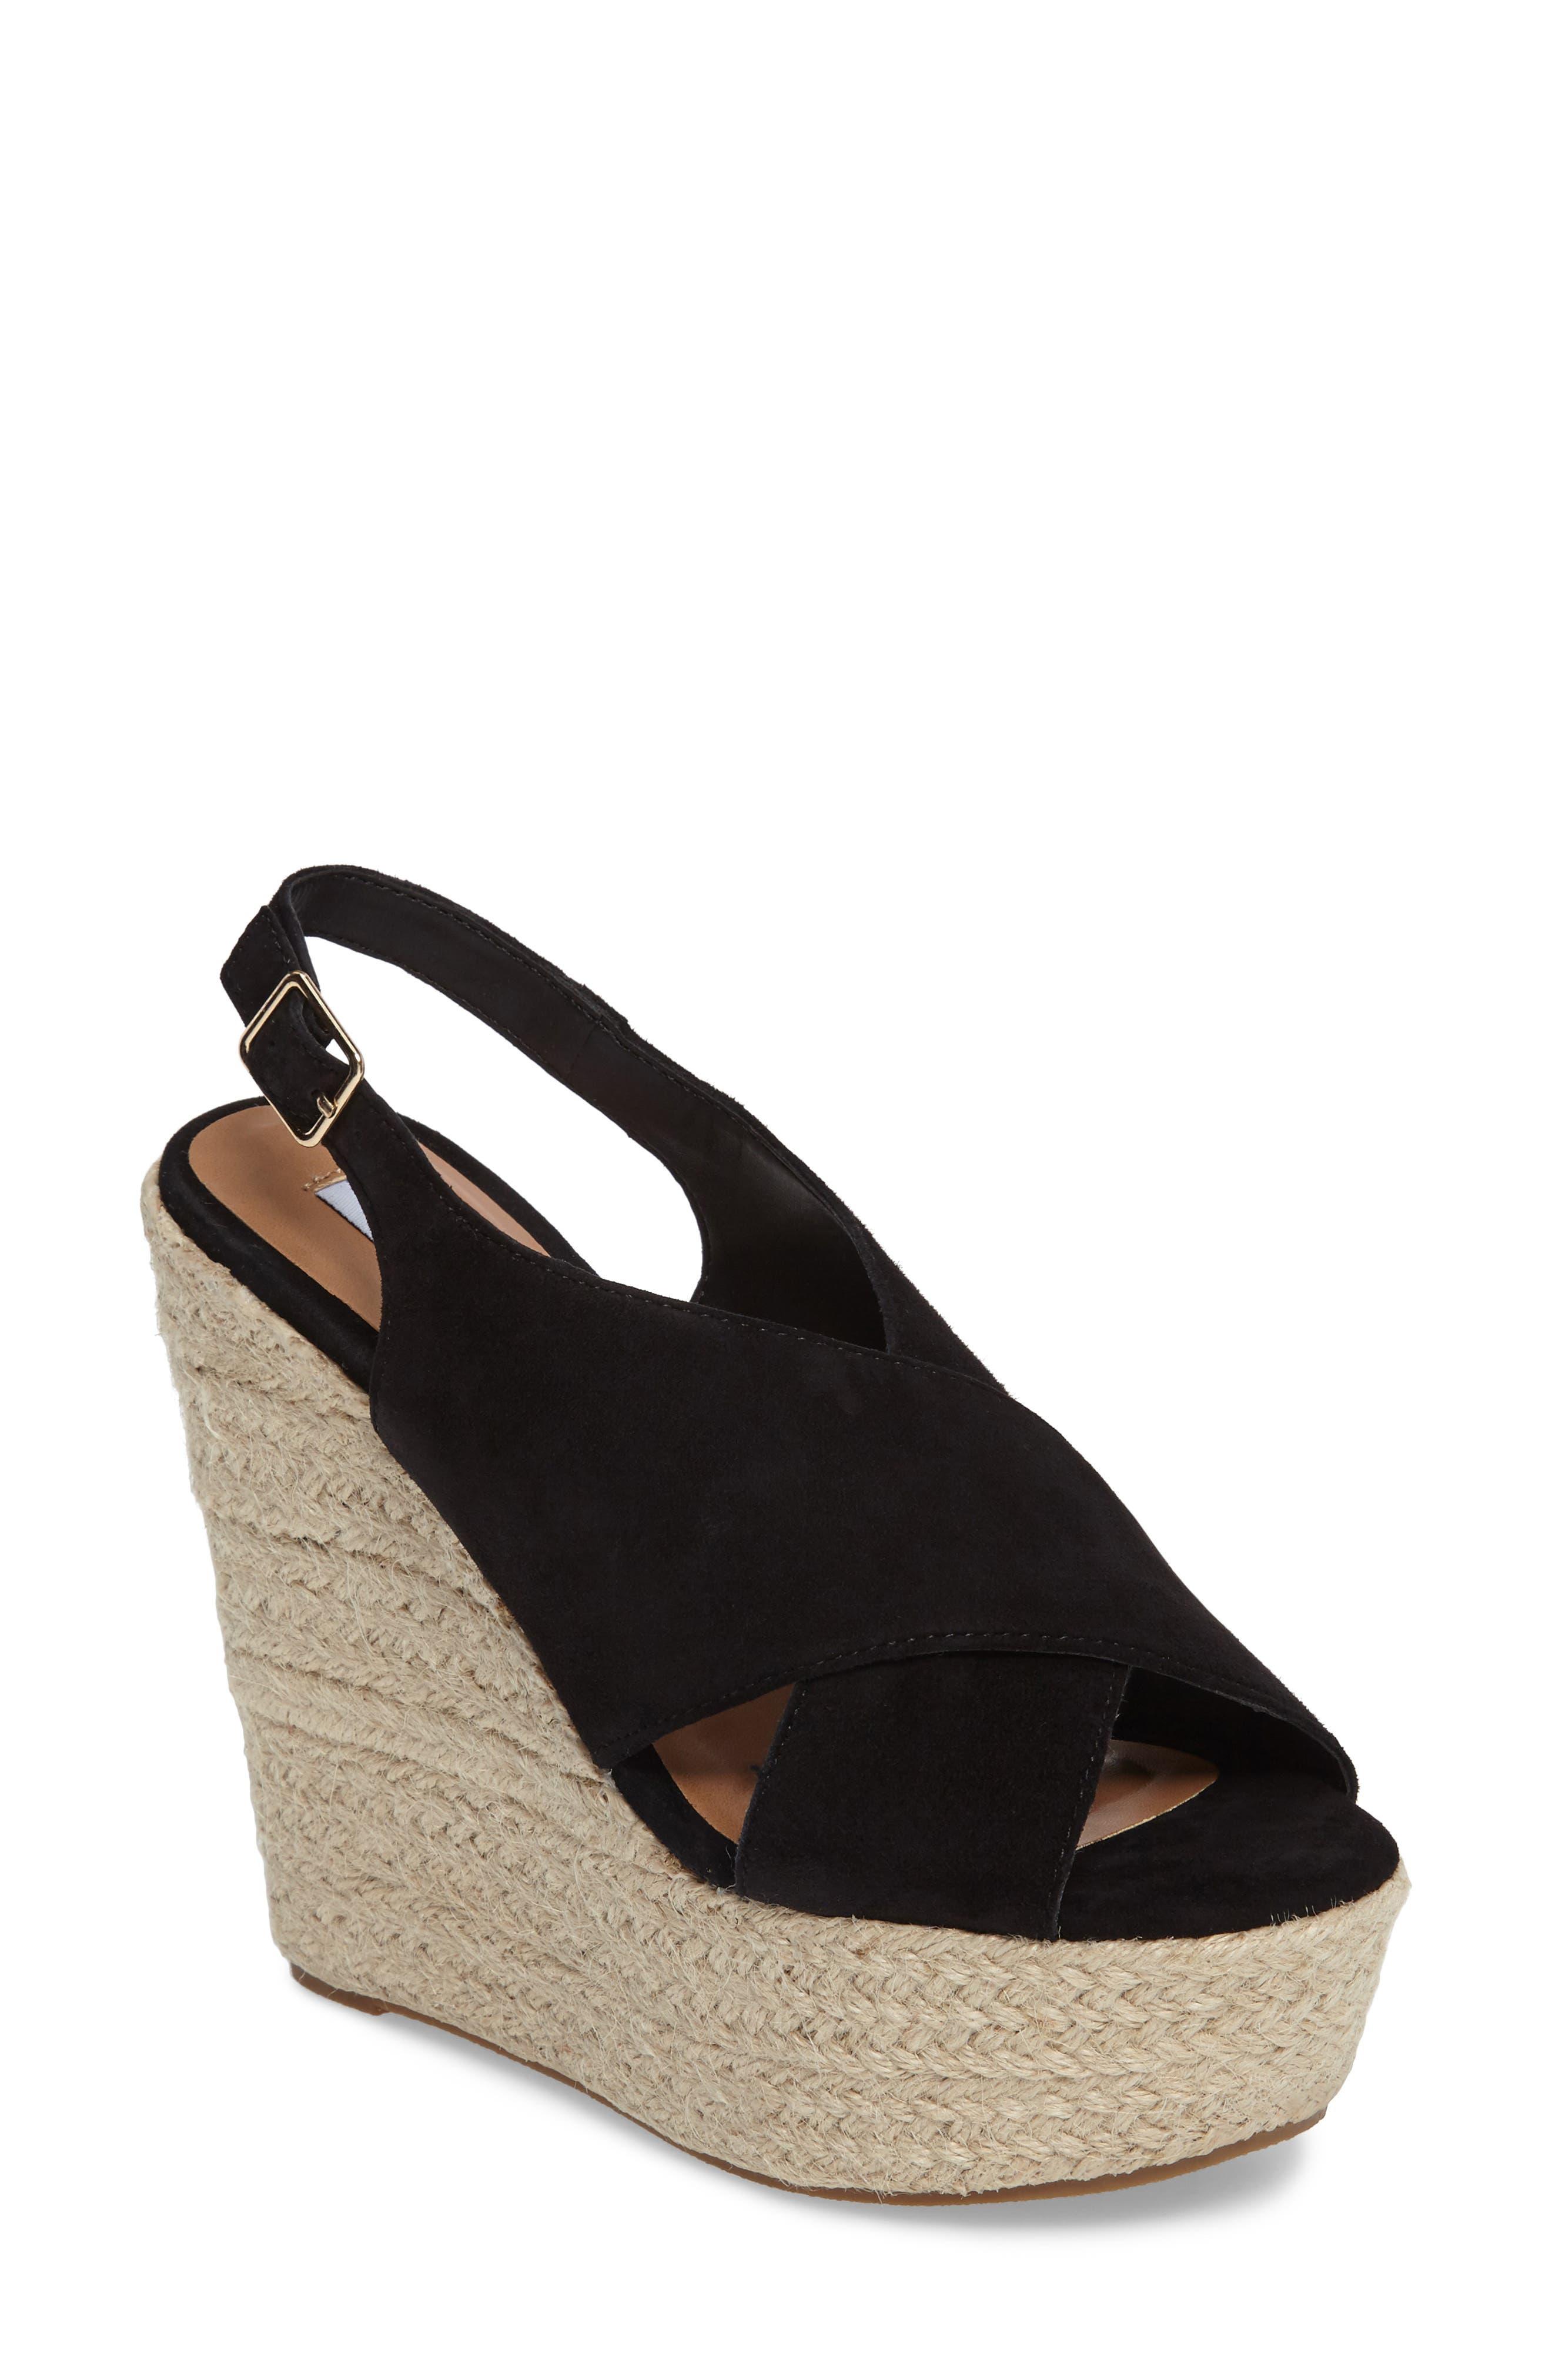 Main Image - Steve Madden Rayla Platform Wedge Sandal (Women)